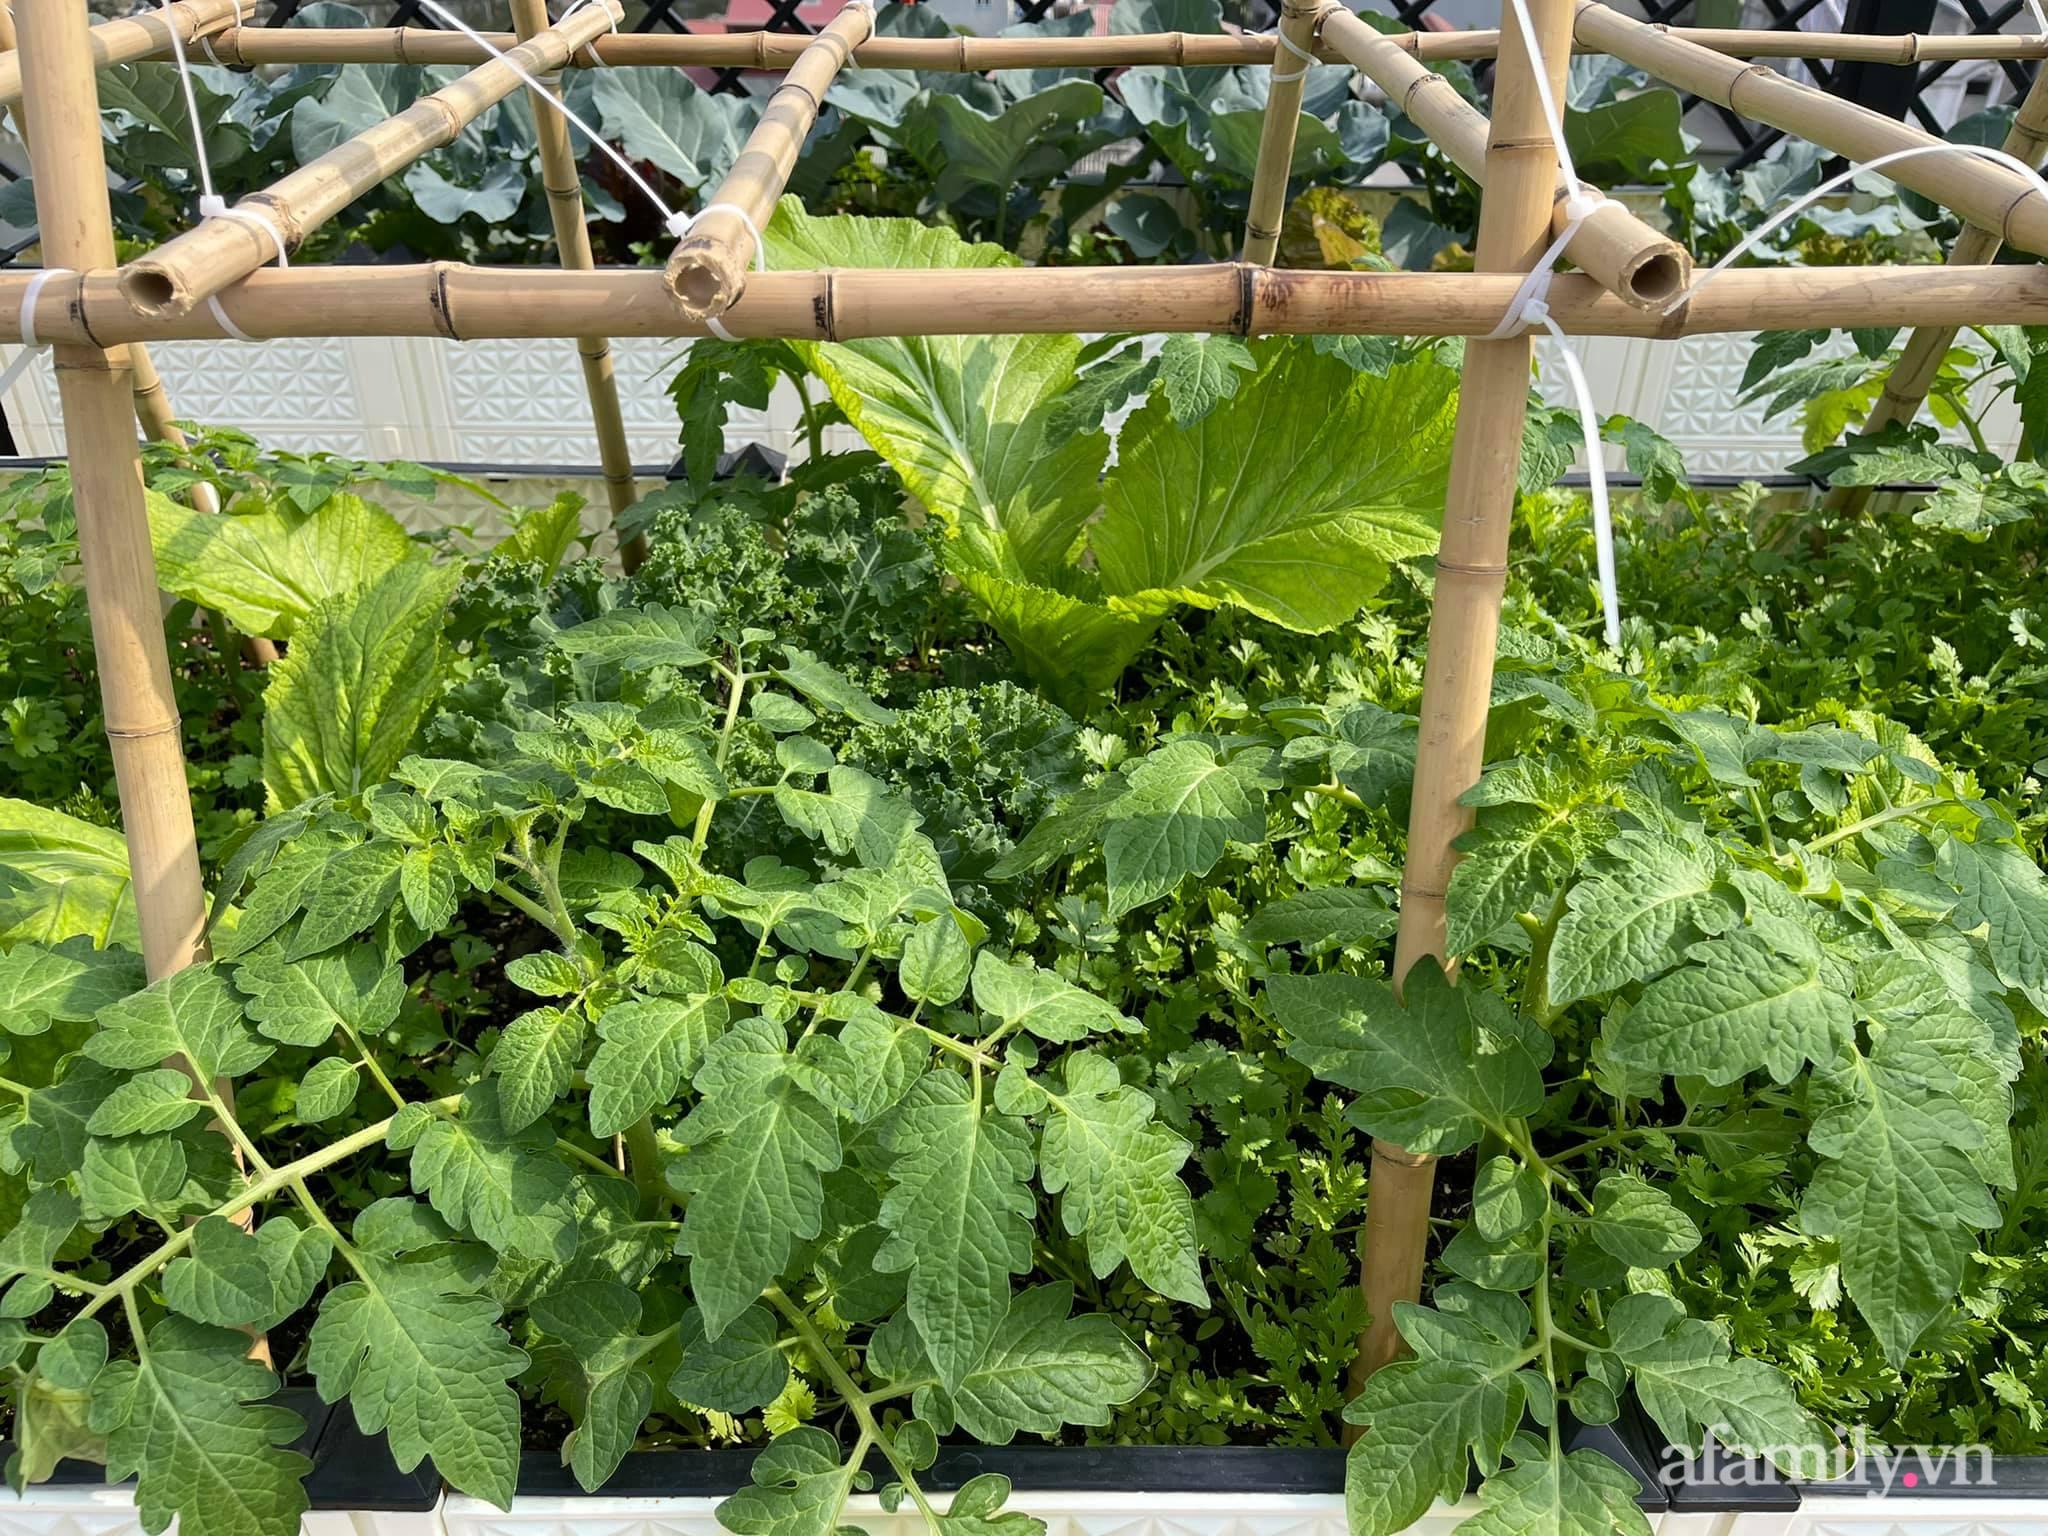 Sân thượng 83m² phủ kín rau quả sạch chỉ sau gần 1 tháng gieo trồng của cô giáo về hưu ở Hà Nội - Ảnh 6.